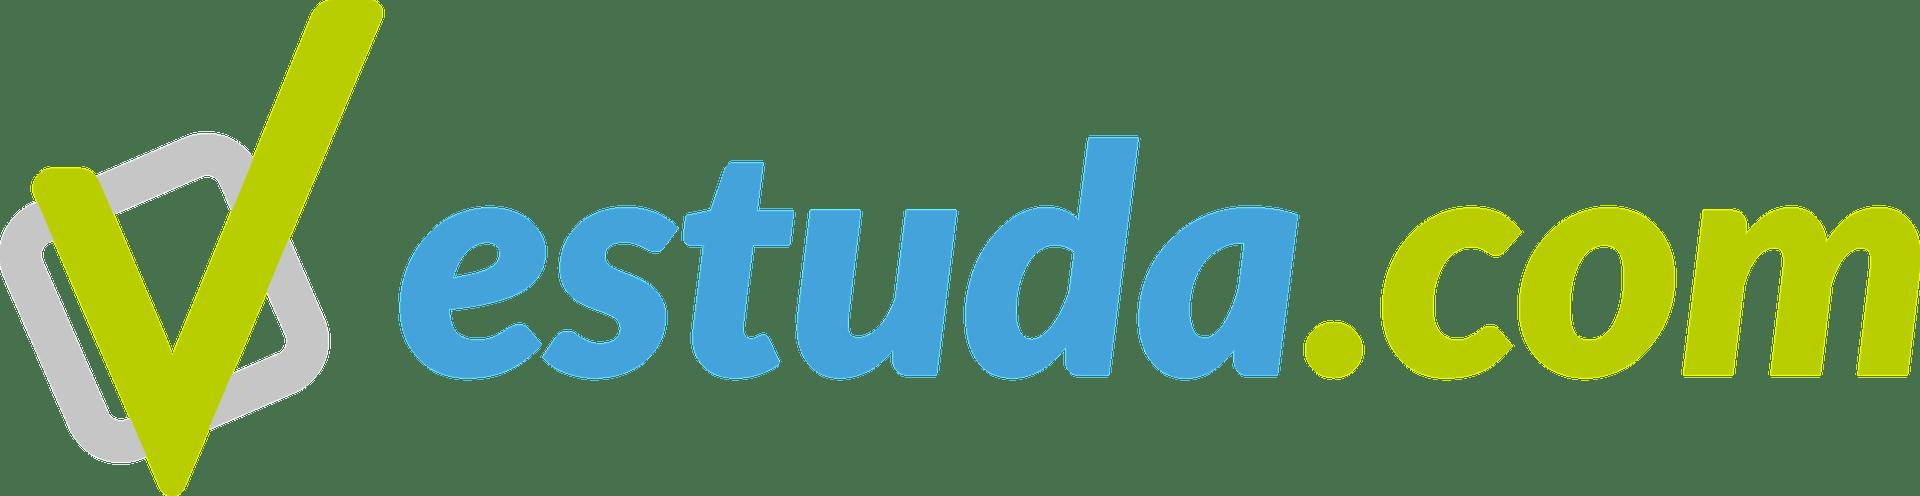 Estuda.com